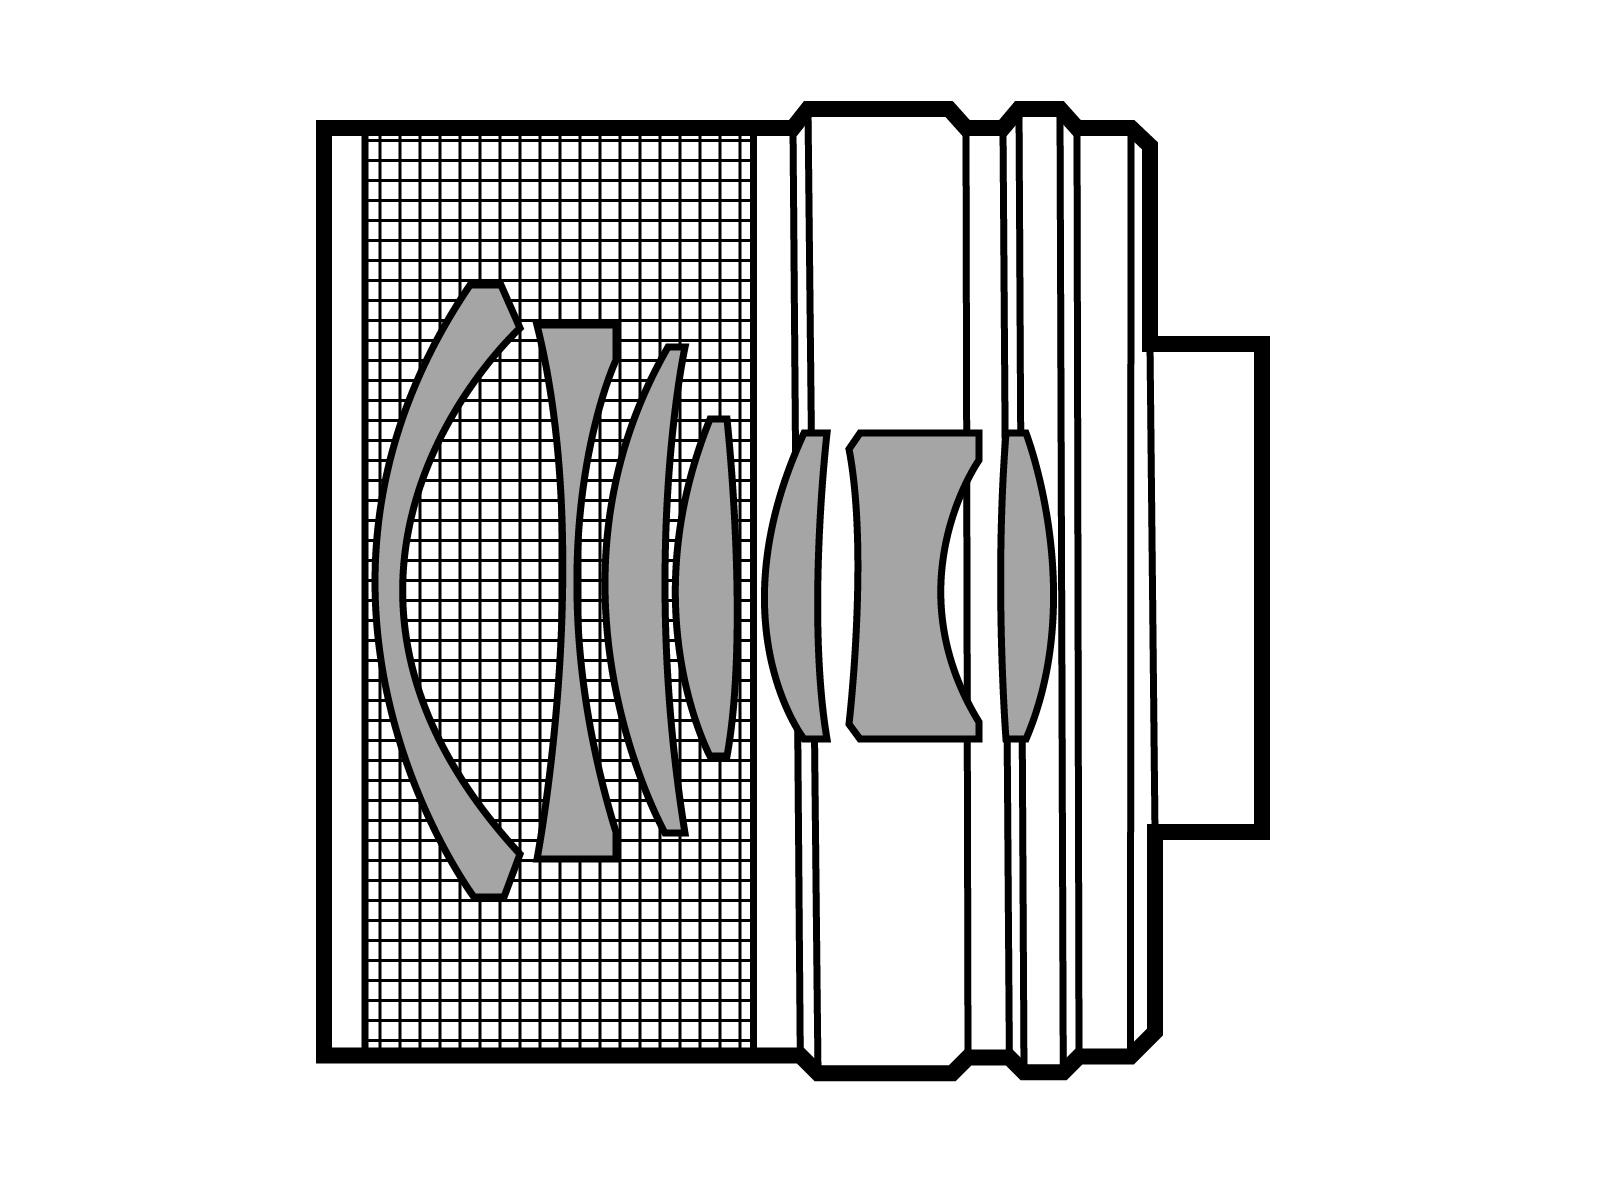 Оптическая схема Tamron Adaptall-2 35-70mm F3.5 CF Macro (17A)